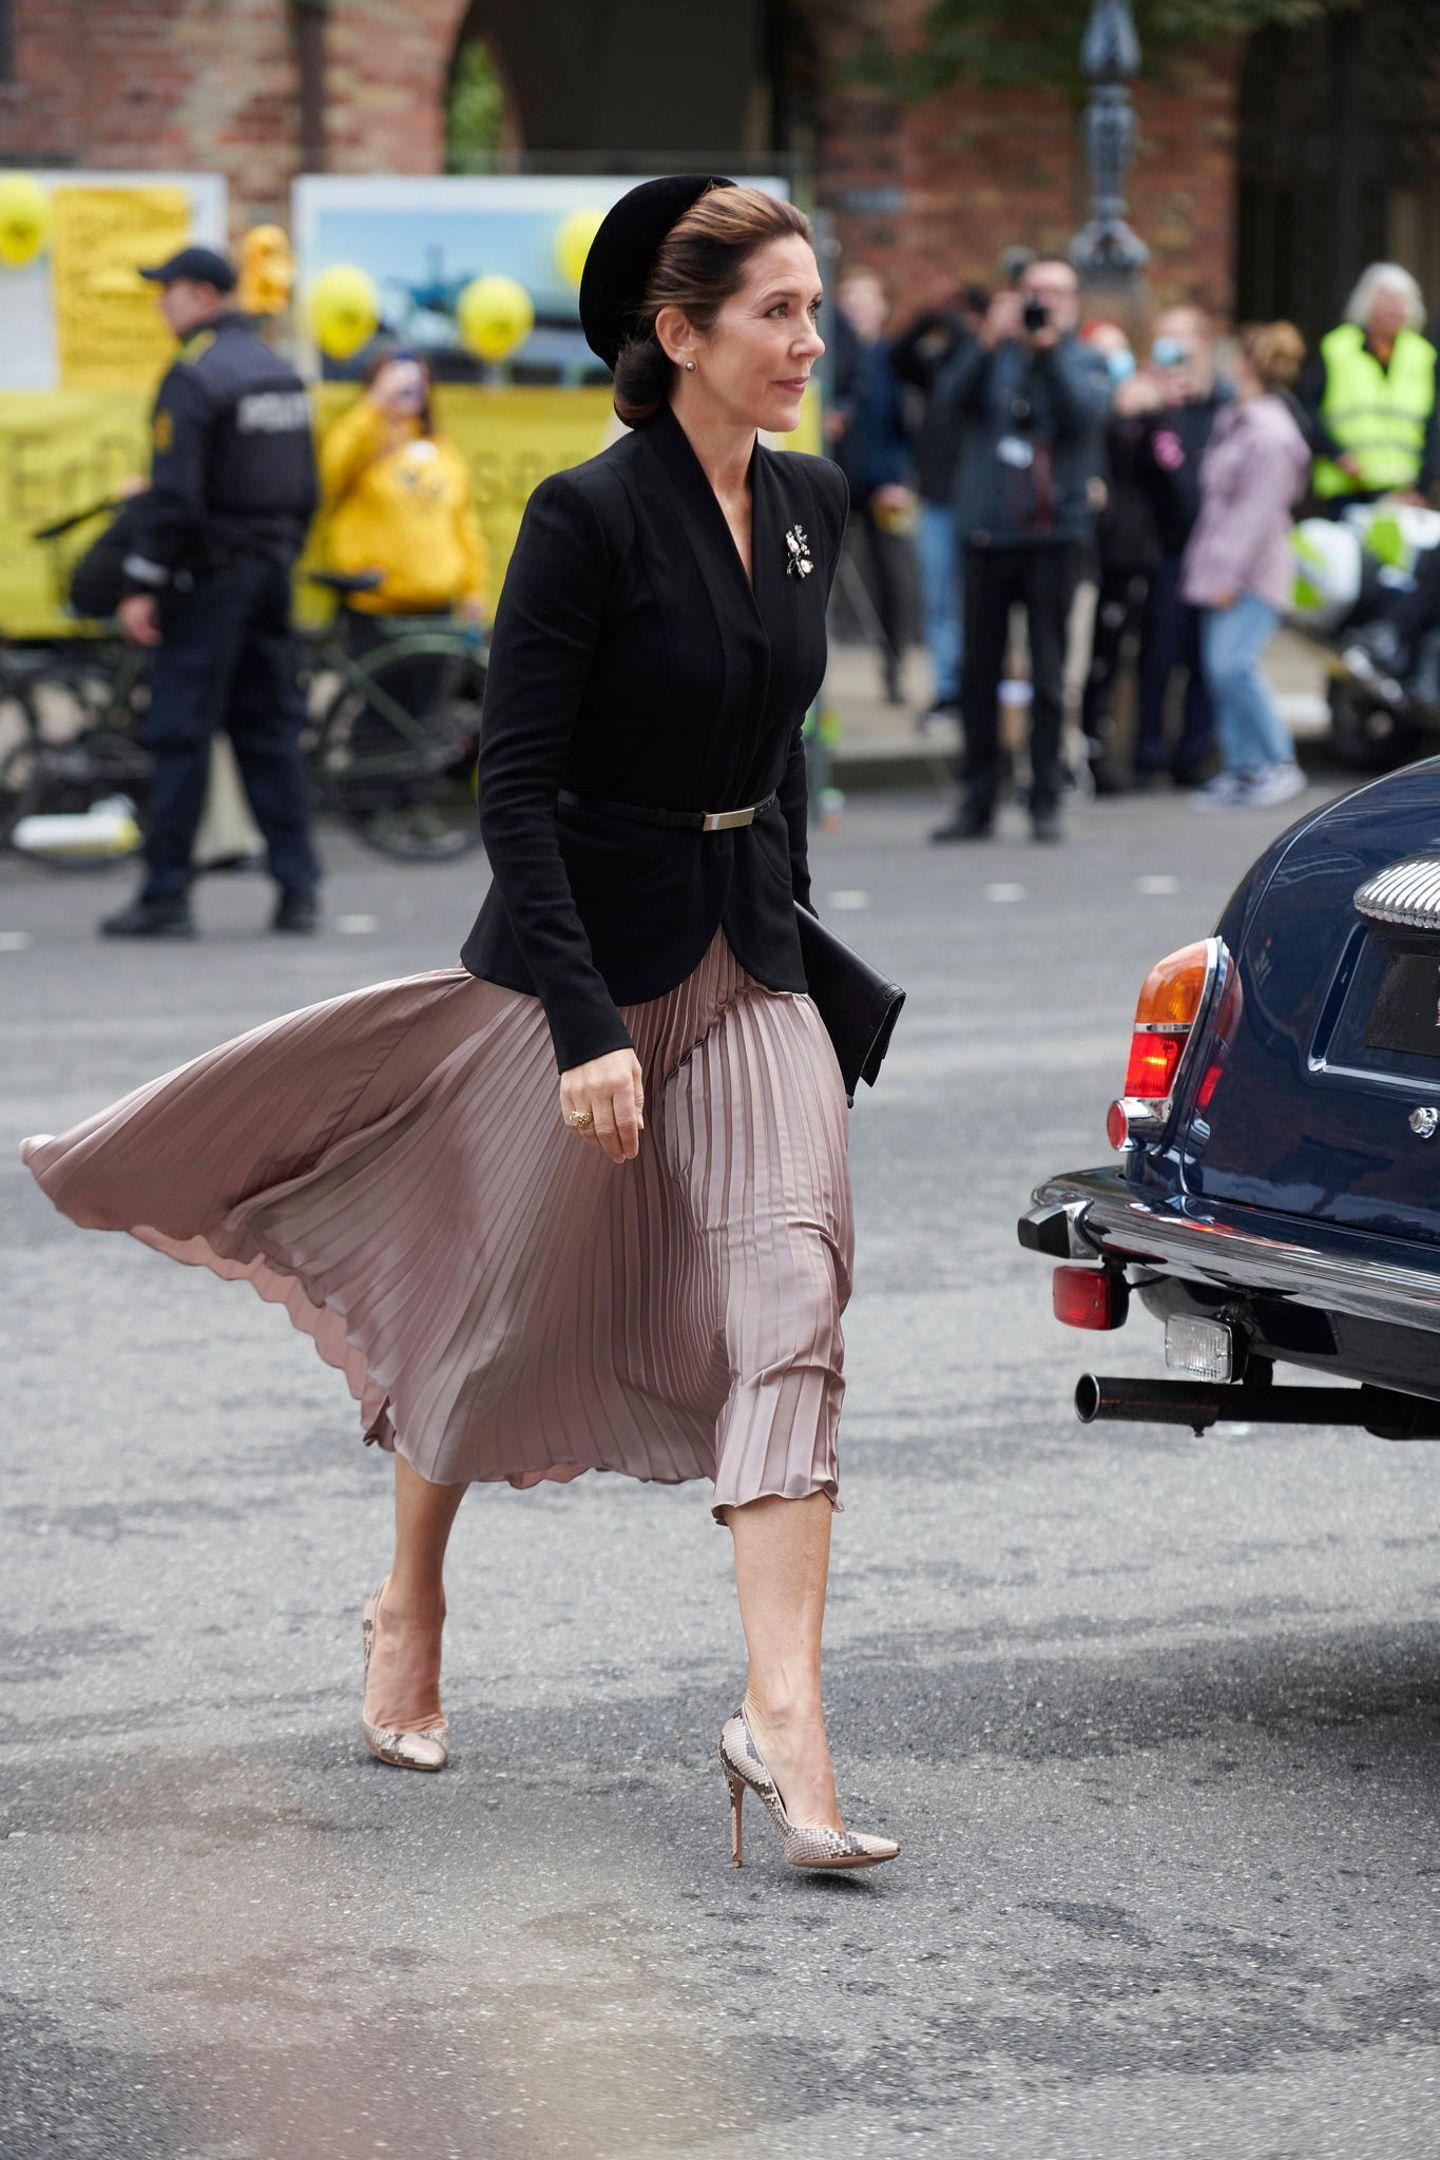 ... dann ist es Folgendes: Unterschätze niemals den Wind! Auch Mary muss an dem Tag gegen einige starke Windböen ankämpfen und ihr Rock wird kurzerhand zur Leggings. Doch anmerken tut man ihr nichts:Souverän und gelassen marschiert die 48-JährigeRichtung Parlament und beweist damit einmal mehr: So leicht kann Mary eben nichts aus der Ruhe bringen. Ihre Haare hat sie jedenfalls wohl wissentlich unter einem Hut befestigt...